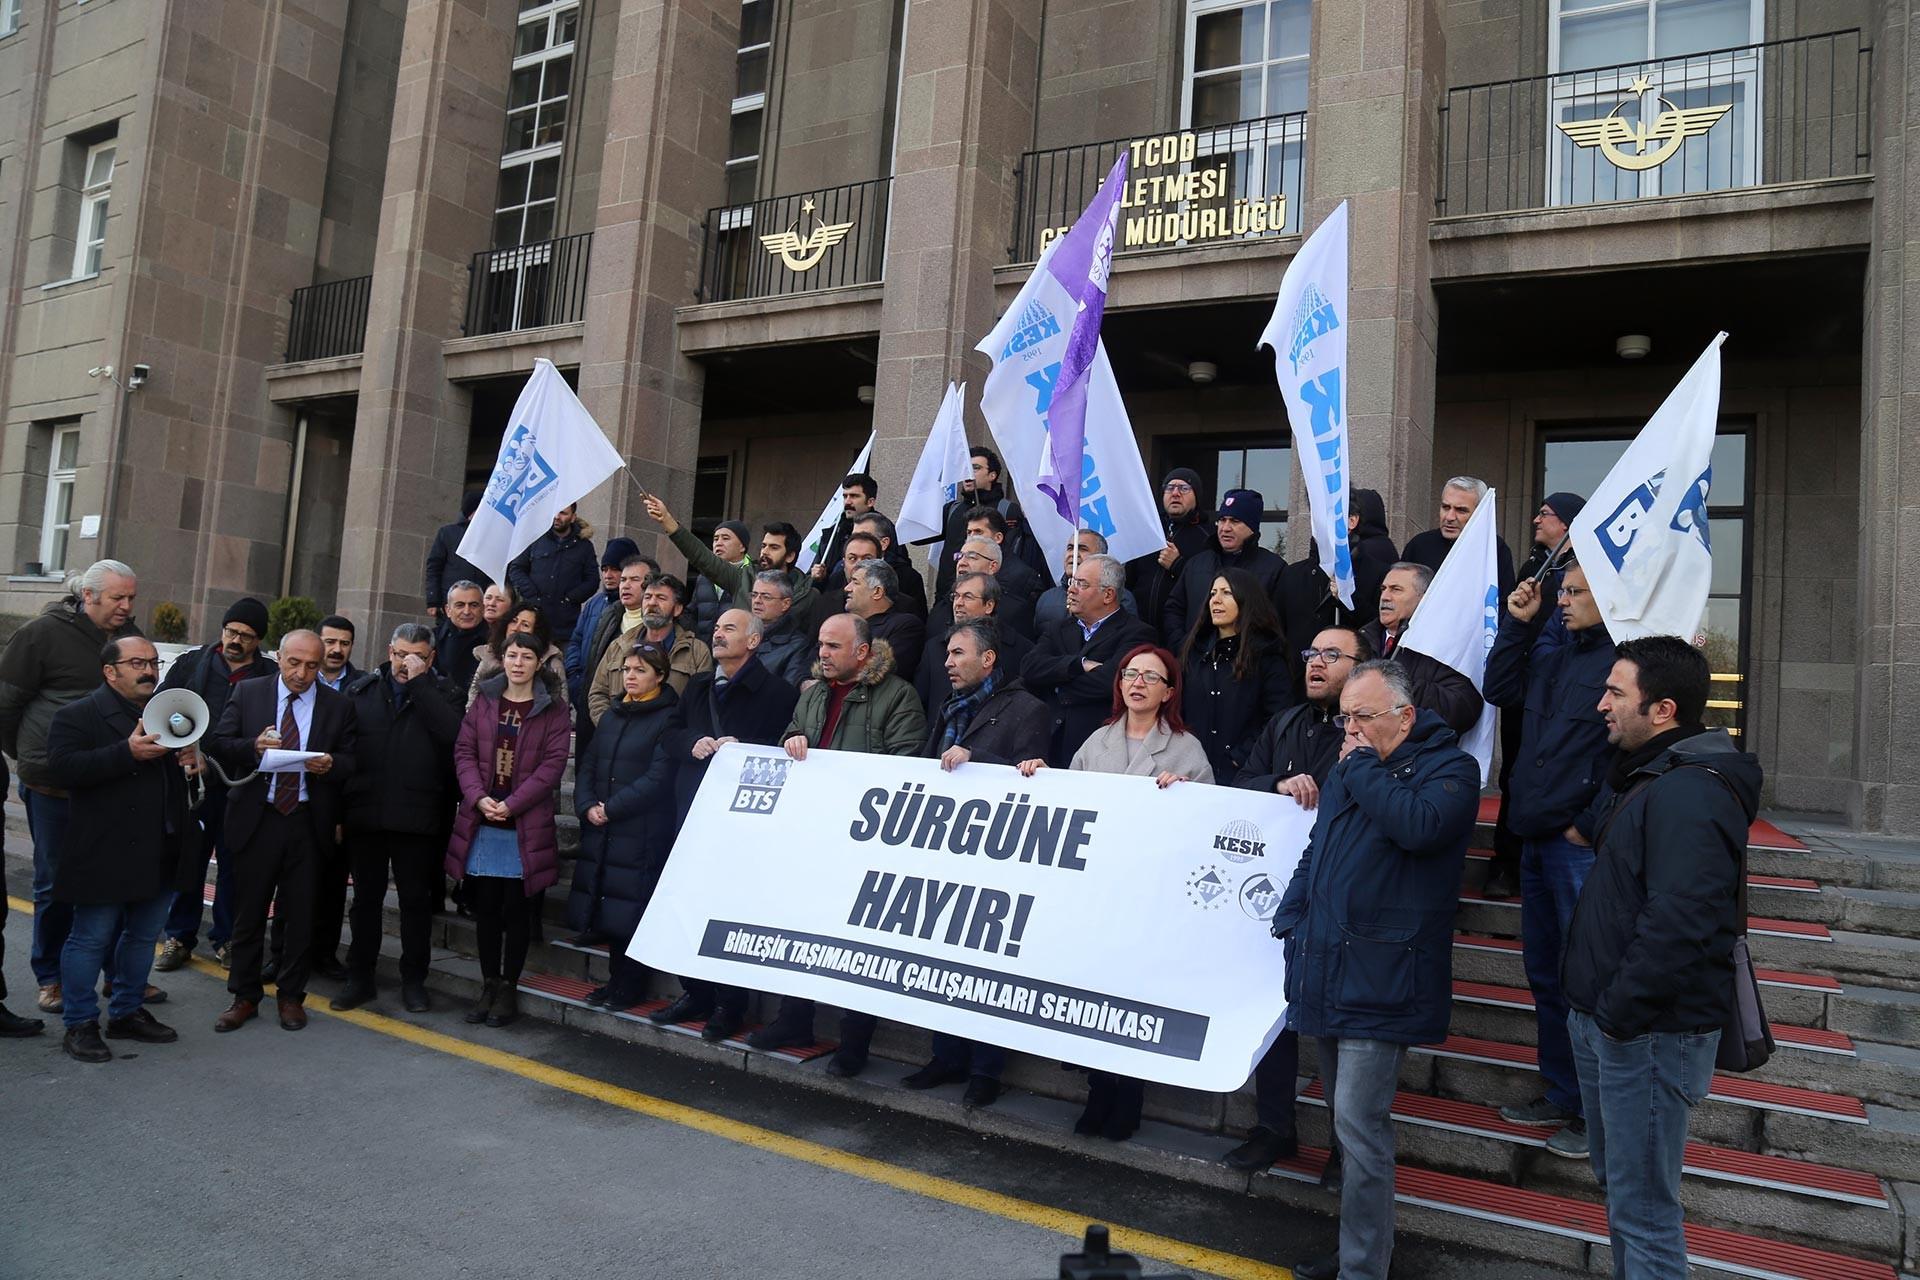 Birleşik Taşımacılık Çalışanları Sendikası üyeleri Ünal Karadağ'ın sürgün edilmesi kararına tepki göstermek üzere TCDD Genel Müdürlüğü binası önünde basın açıklaması yaparken.